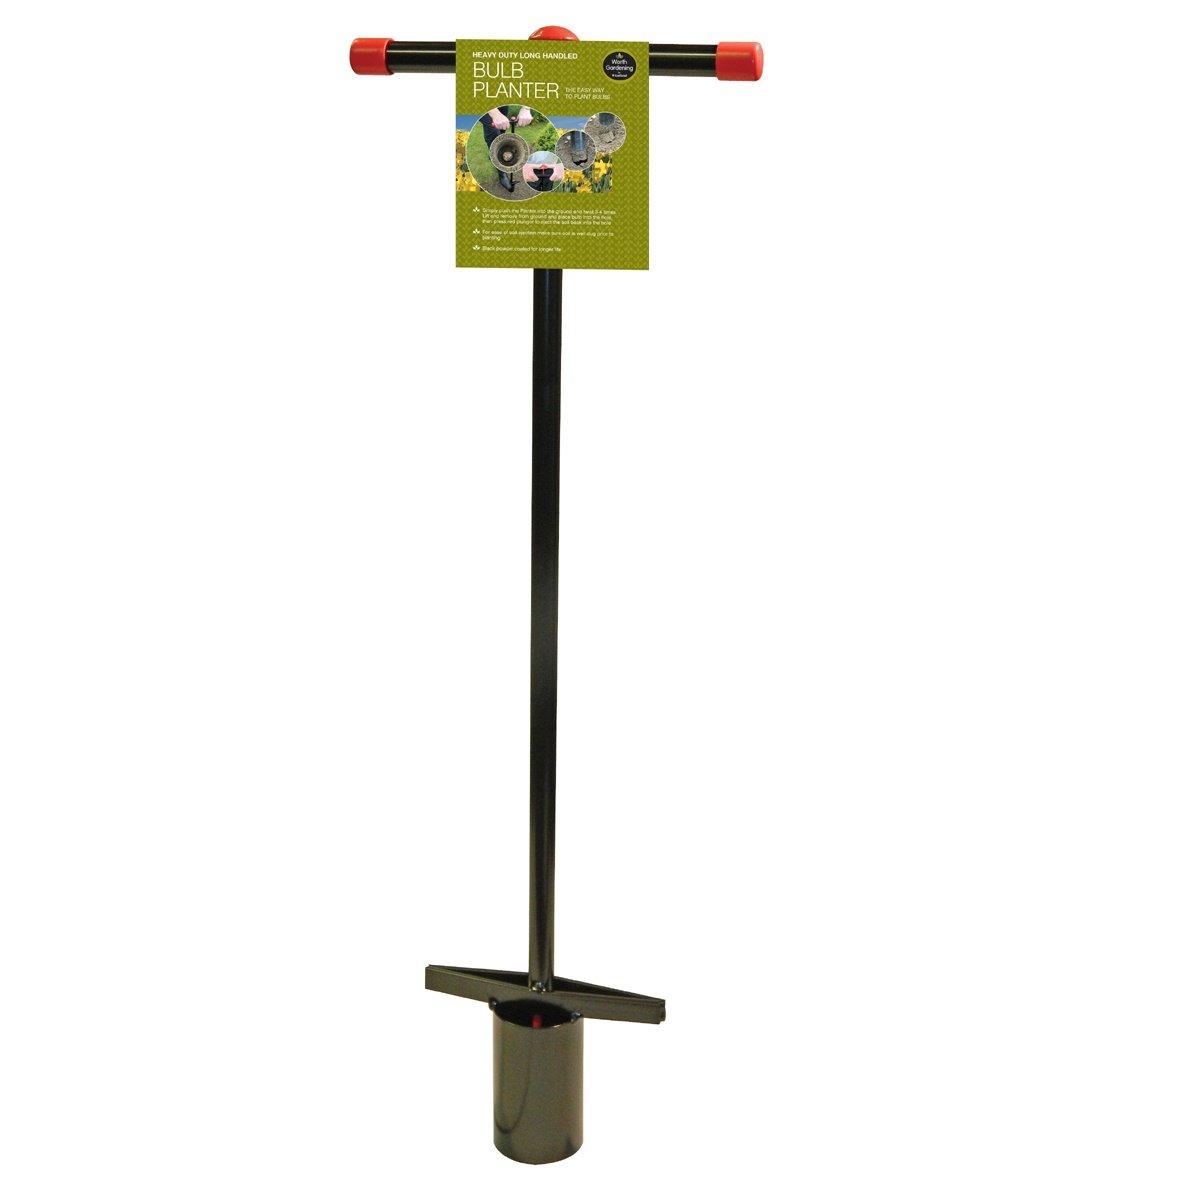 W0475 Garland Heavy Duty Bulb Planter (Long Handled)